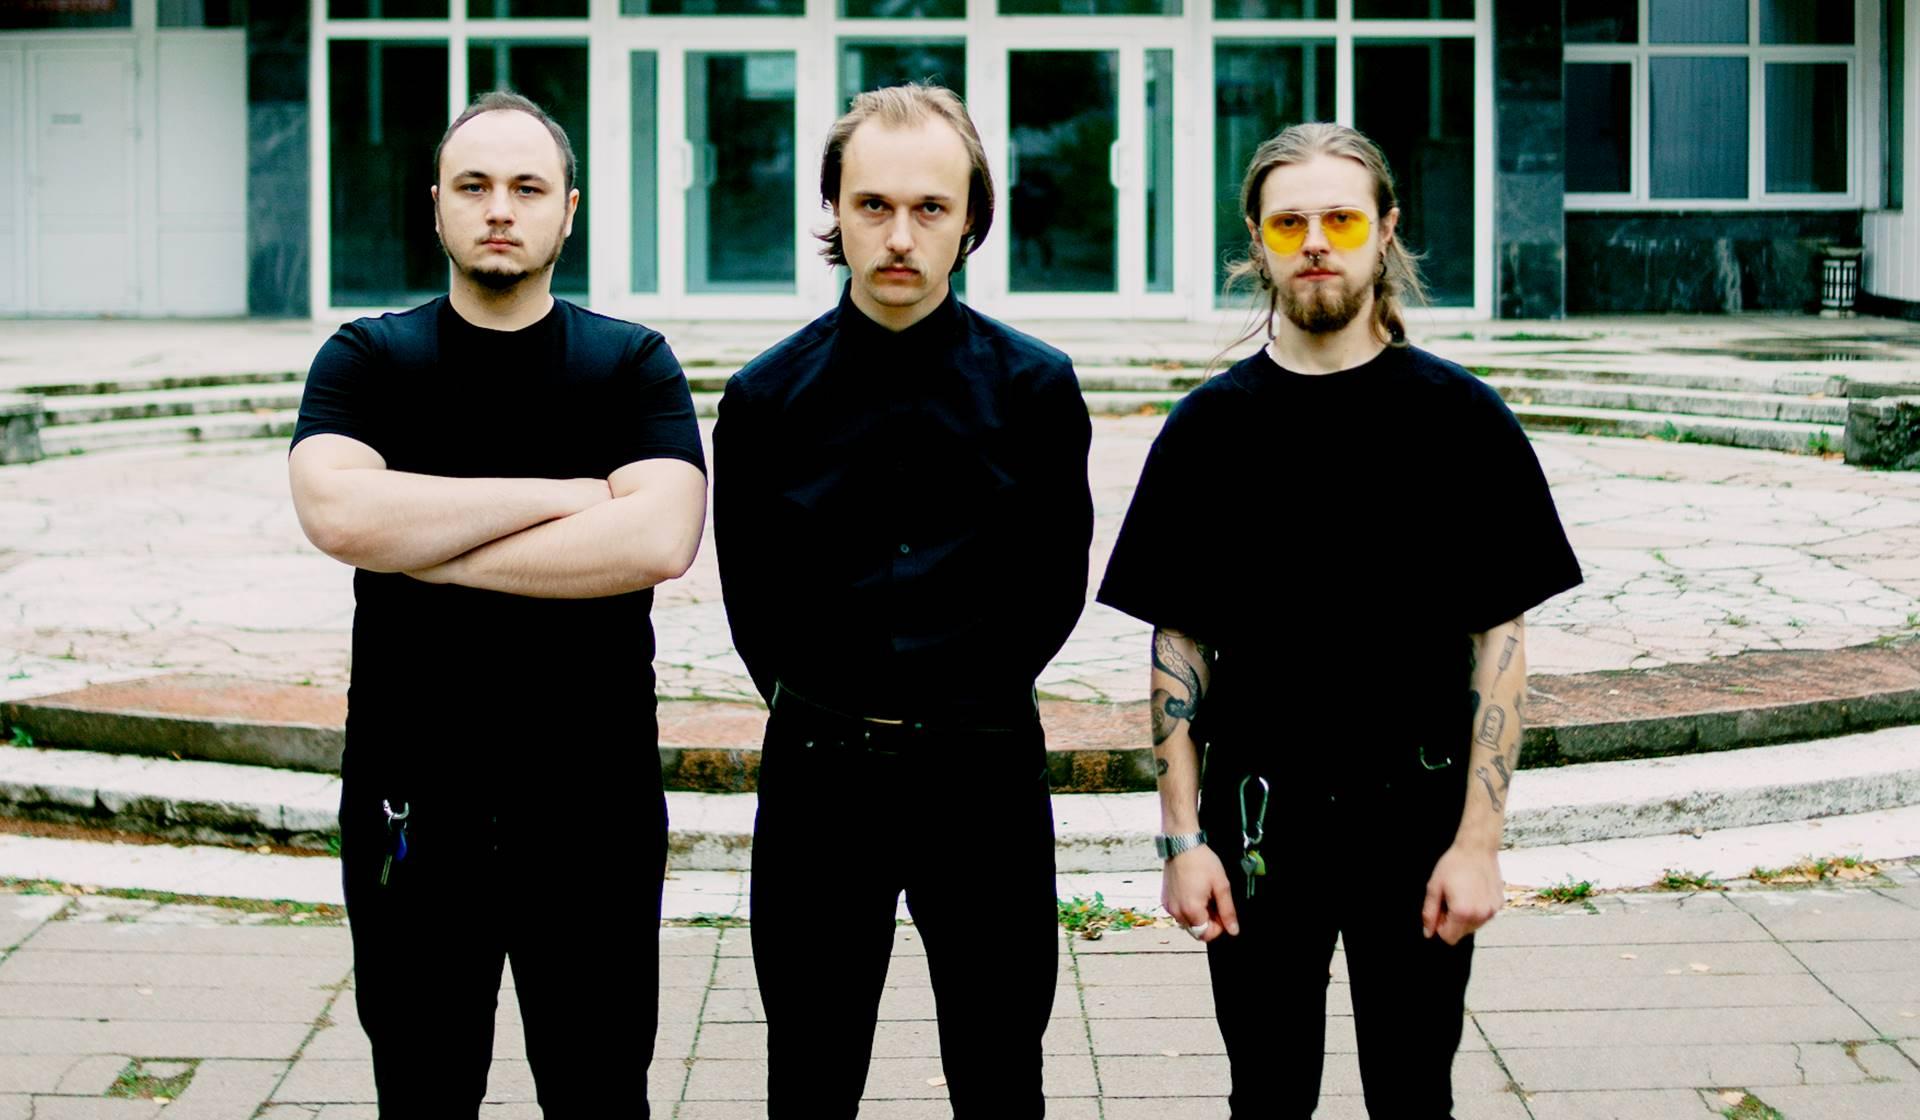 Vuelve el New wave de Molchat Doma con su álbum Monument